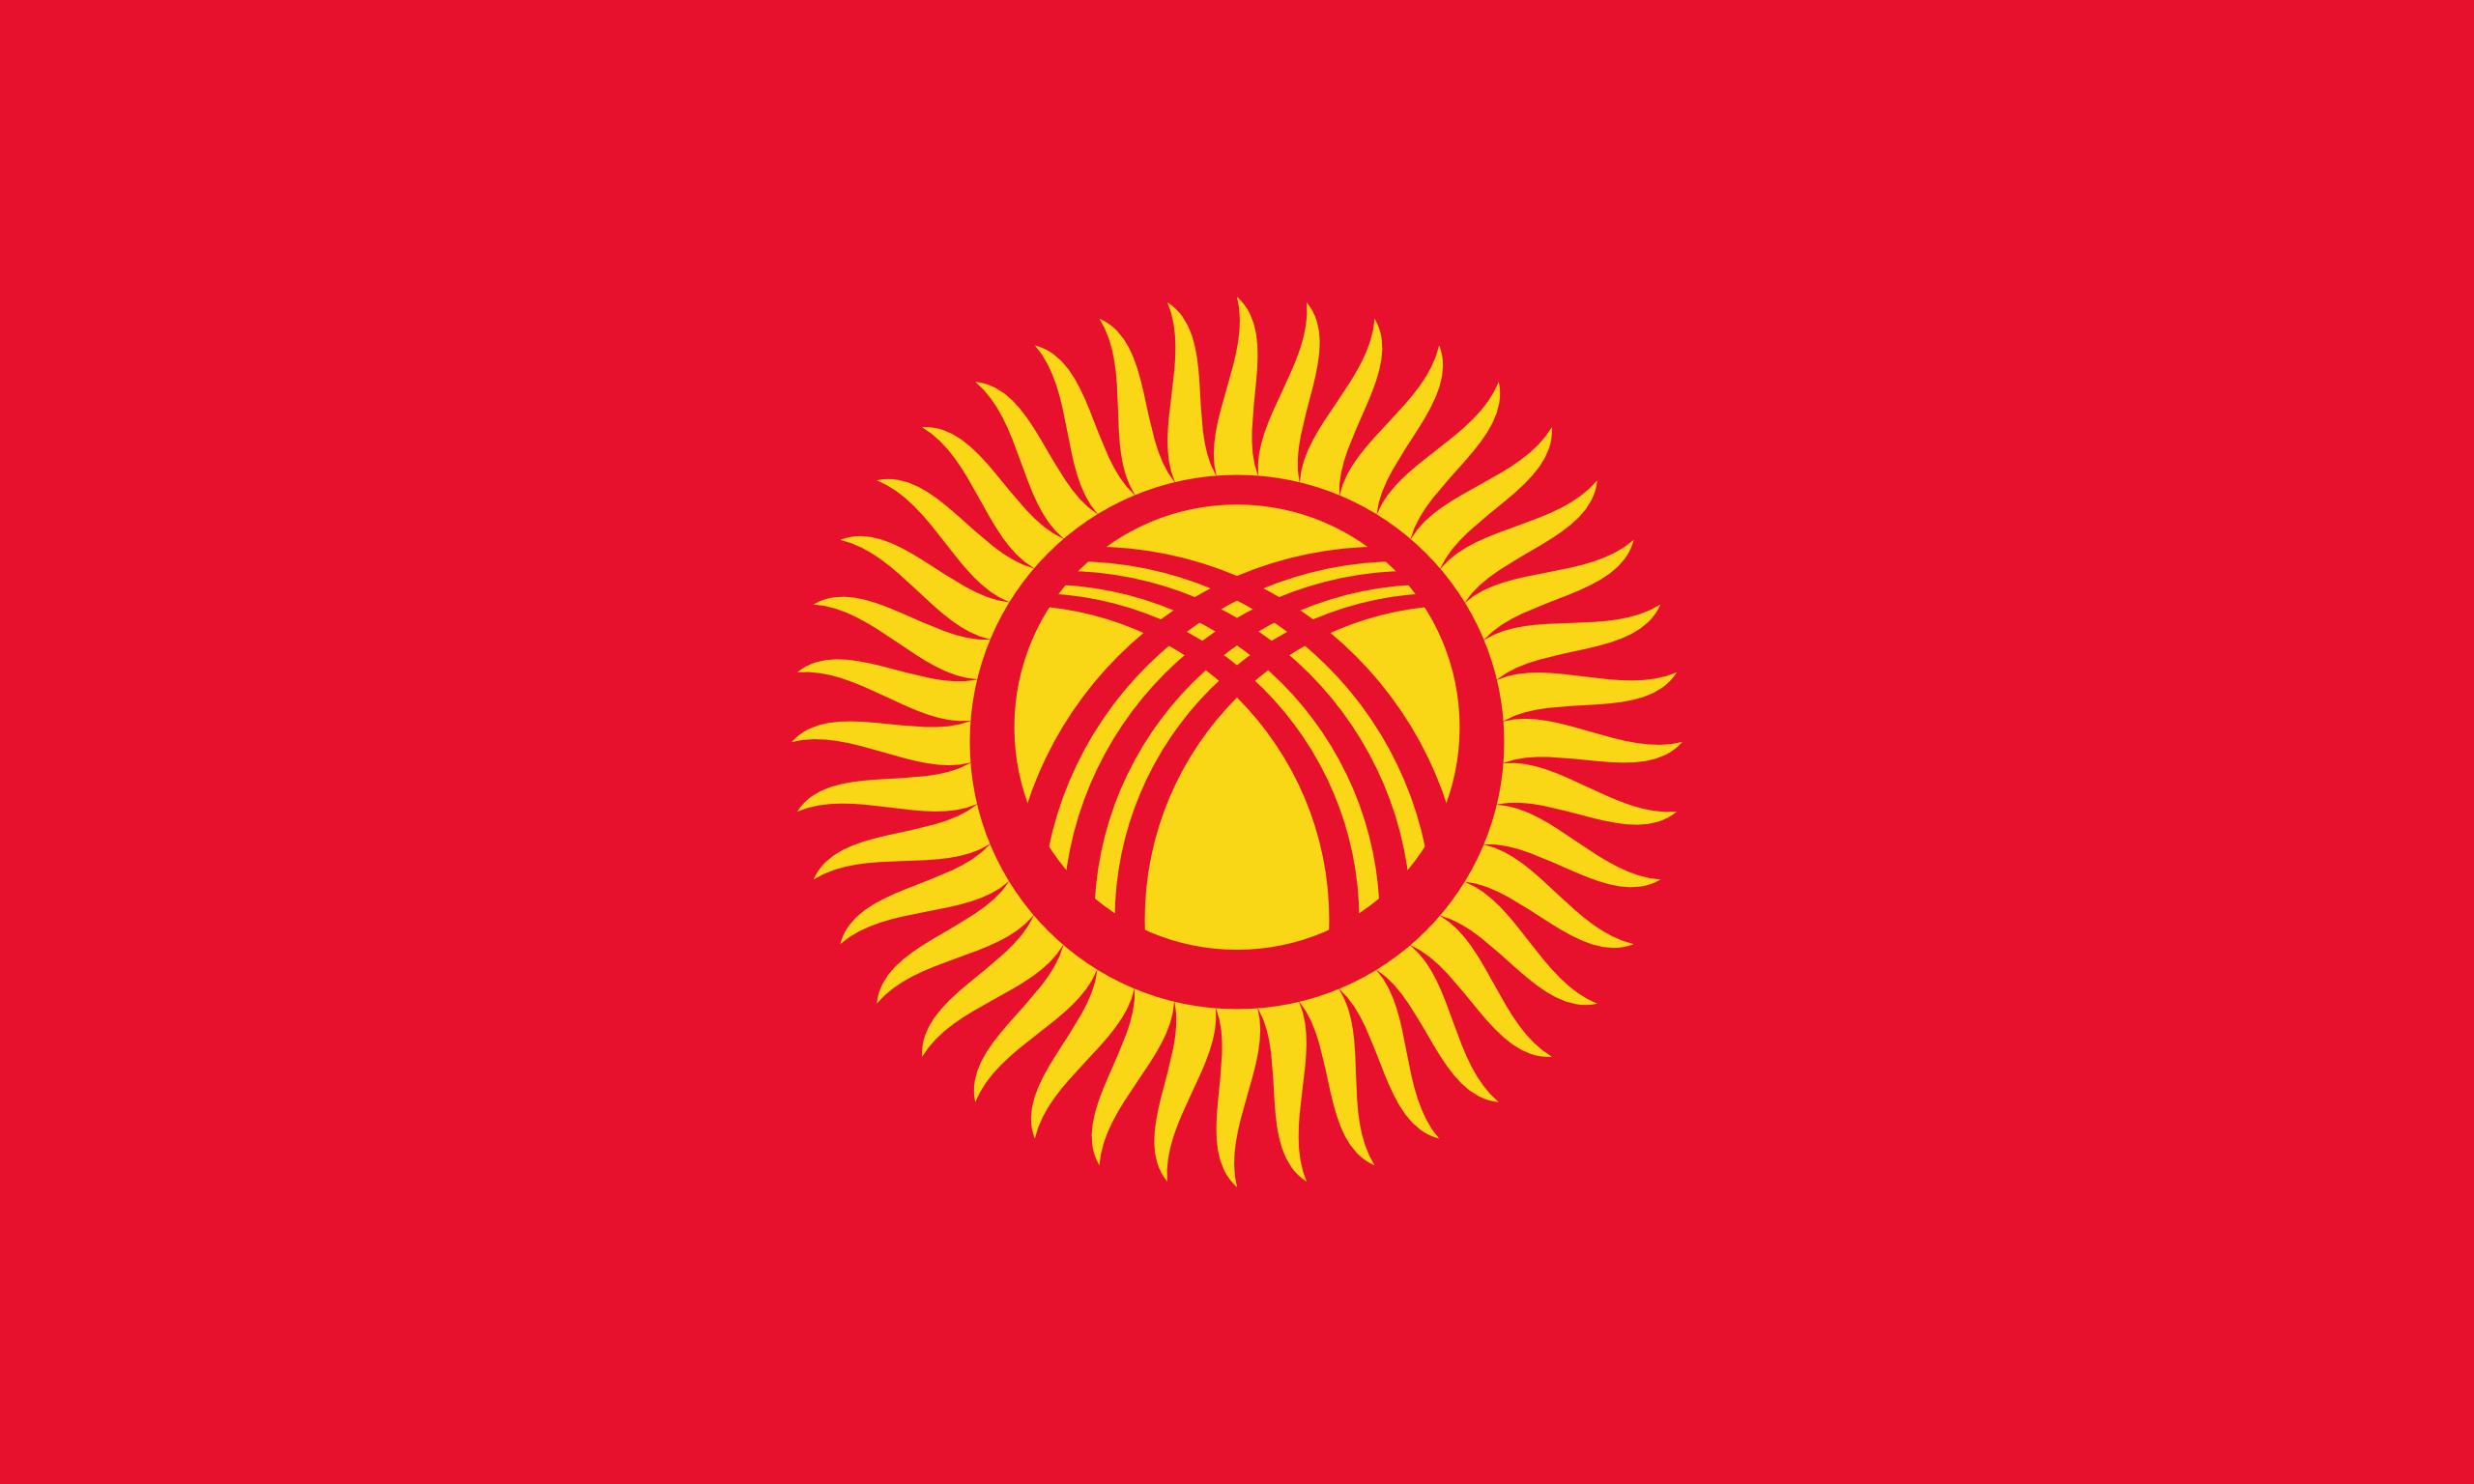 Quirguistão, país, Brasão de armas, logotipo, símbolo - Papéis de parede HD - Professor-falken.com